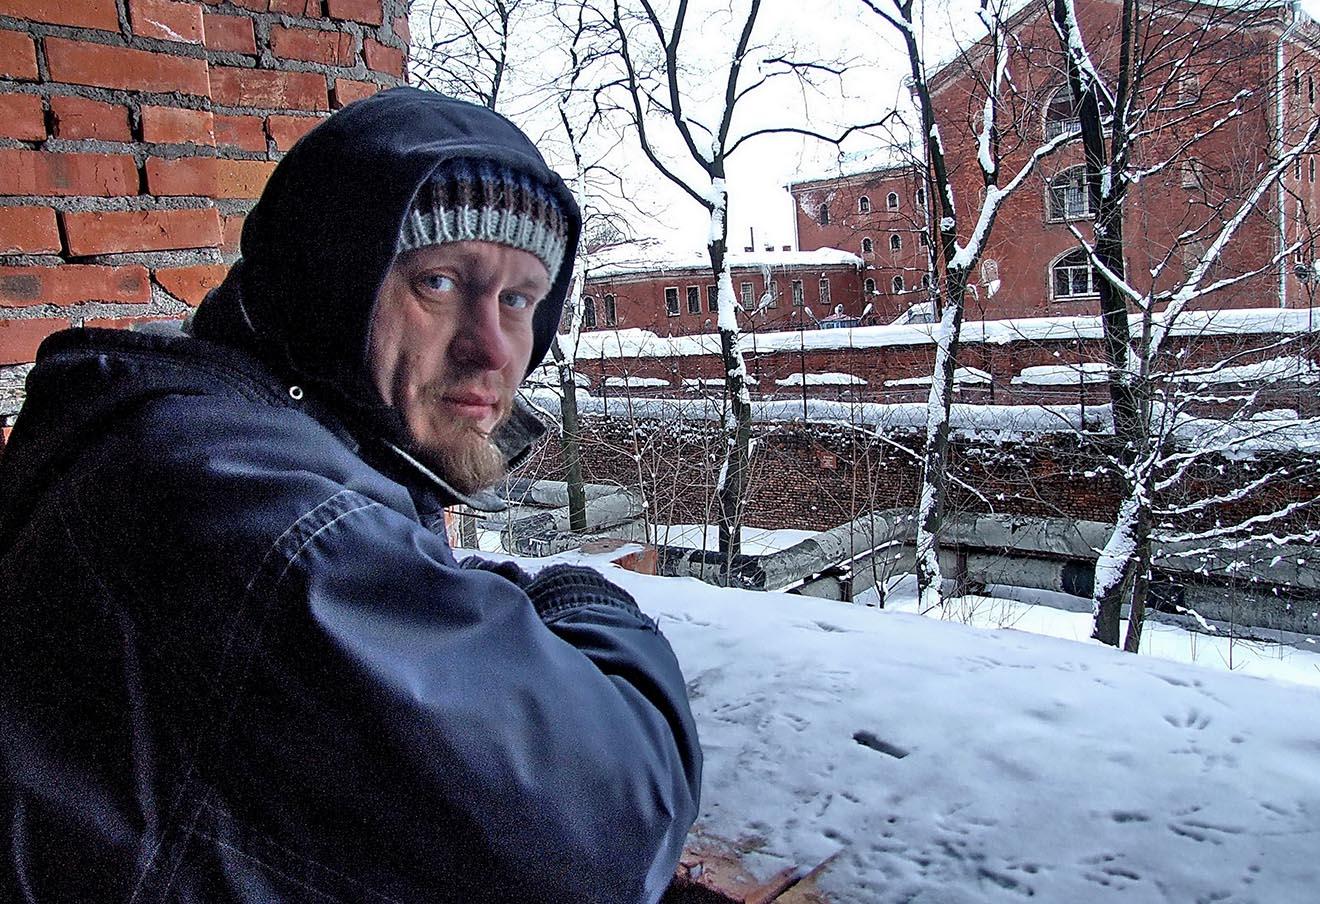 Олег Воротников. Фото: Александр Чиженок / Интерпресс / ТАСС / Архив